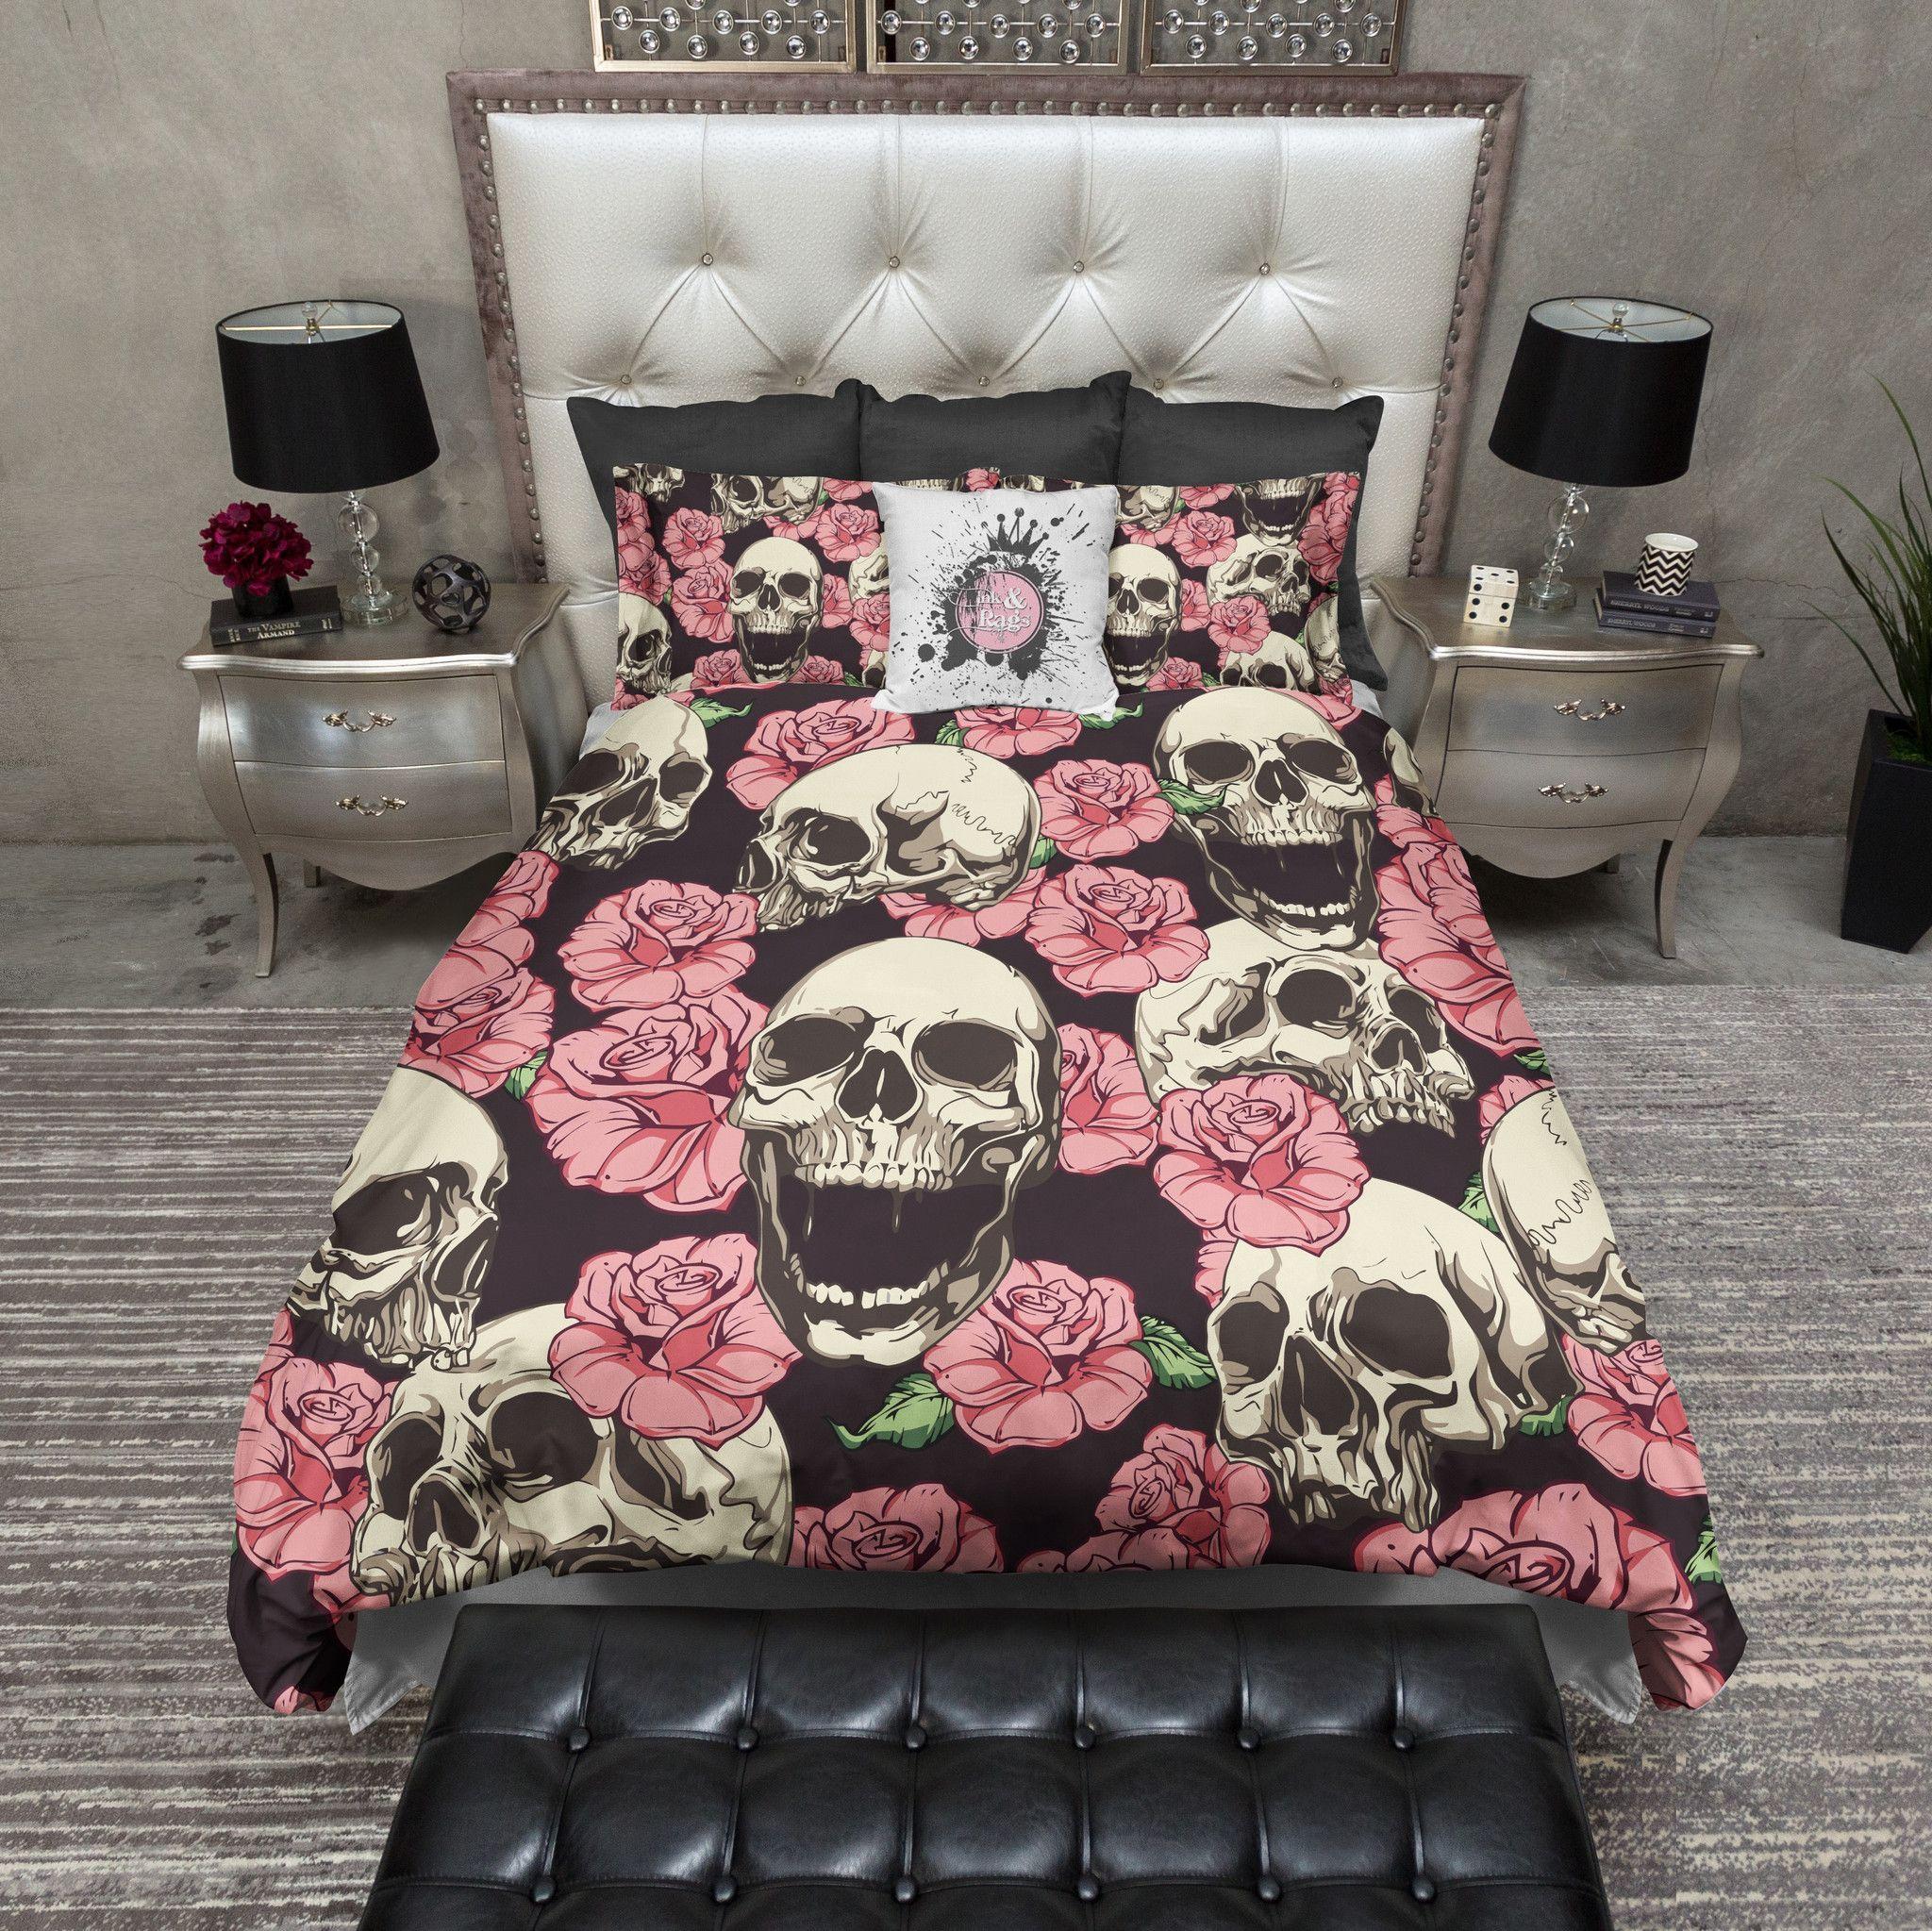 Pink Rose And Human Skull Bedding Bed Linens Luxury Duvet Bedding Sets Bed Linen Sets